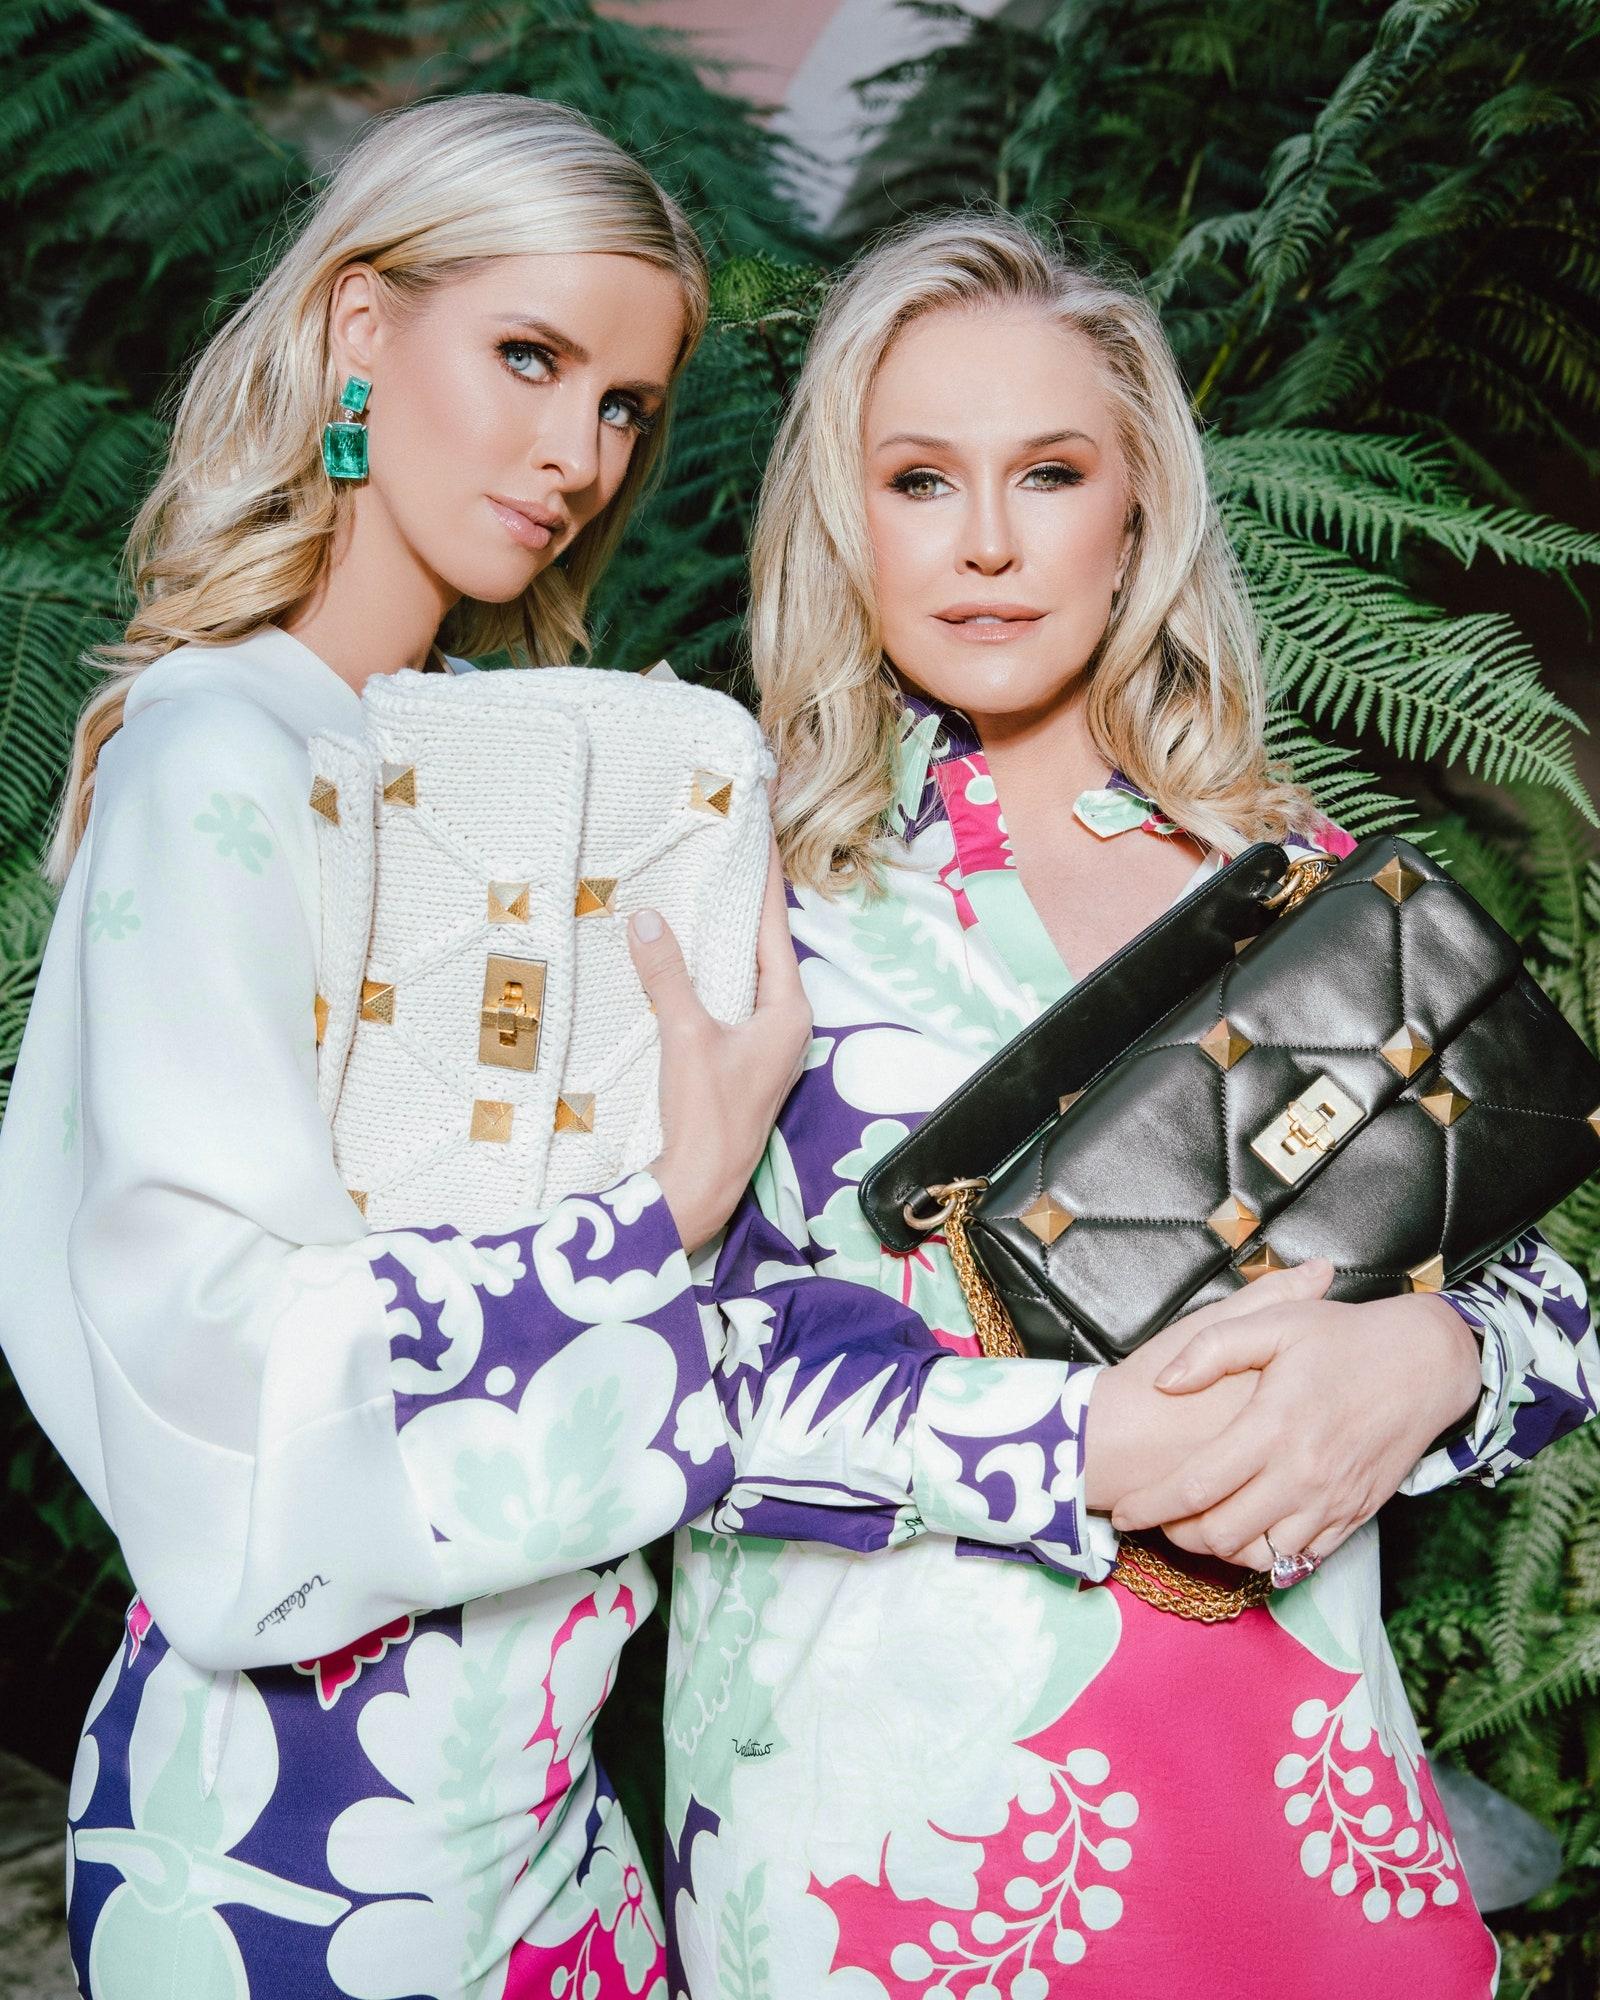 Семейная фотосессия: Пэрис Хилтон вместе с мамой и сестрой снялась в рекламной кампании Valentino (ФОТО) - фото №1